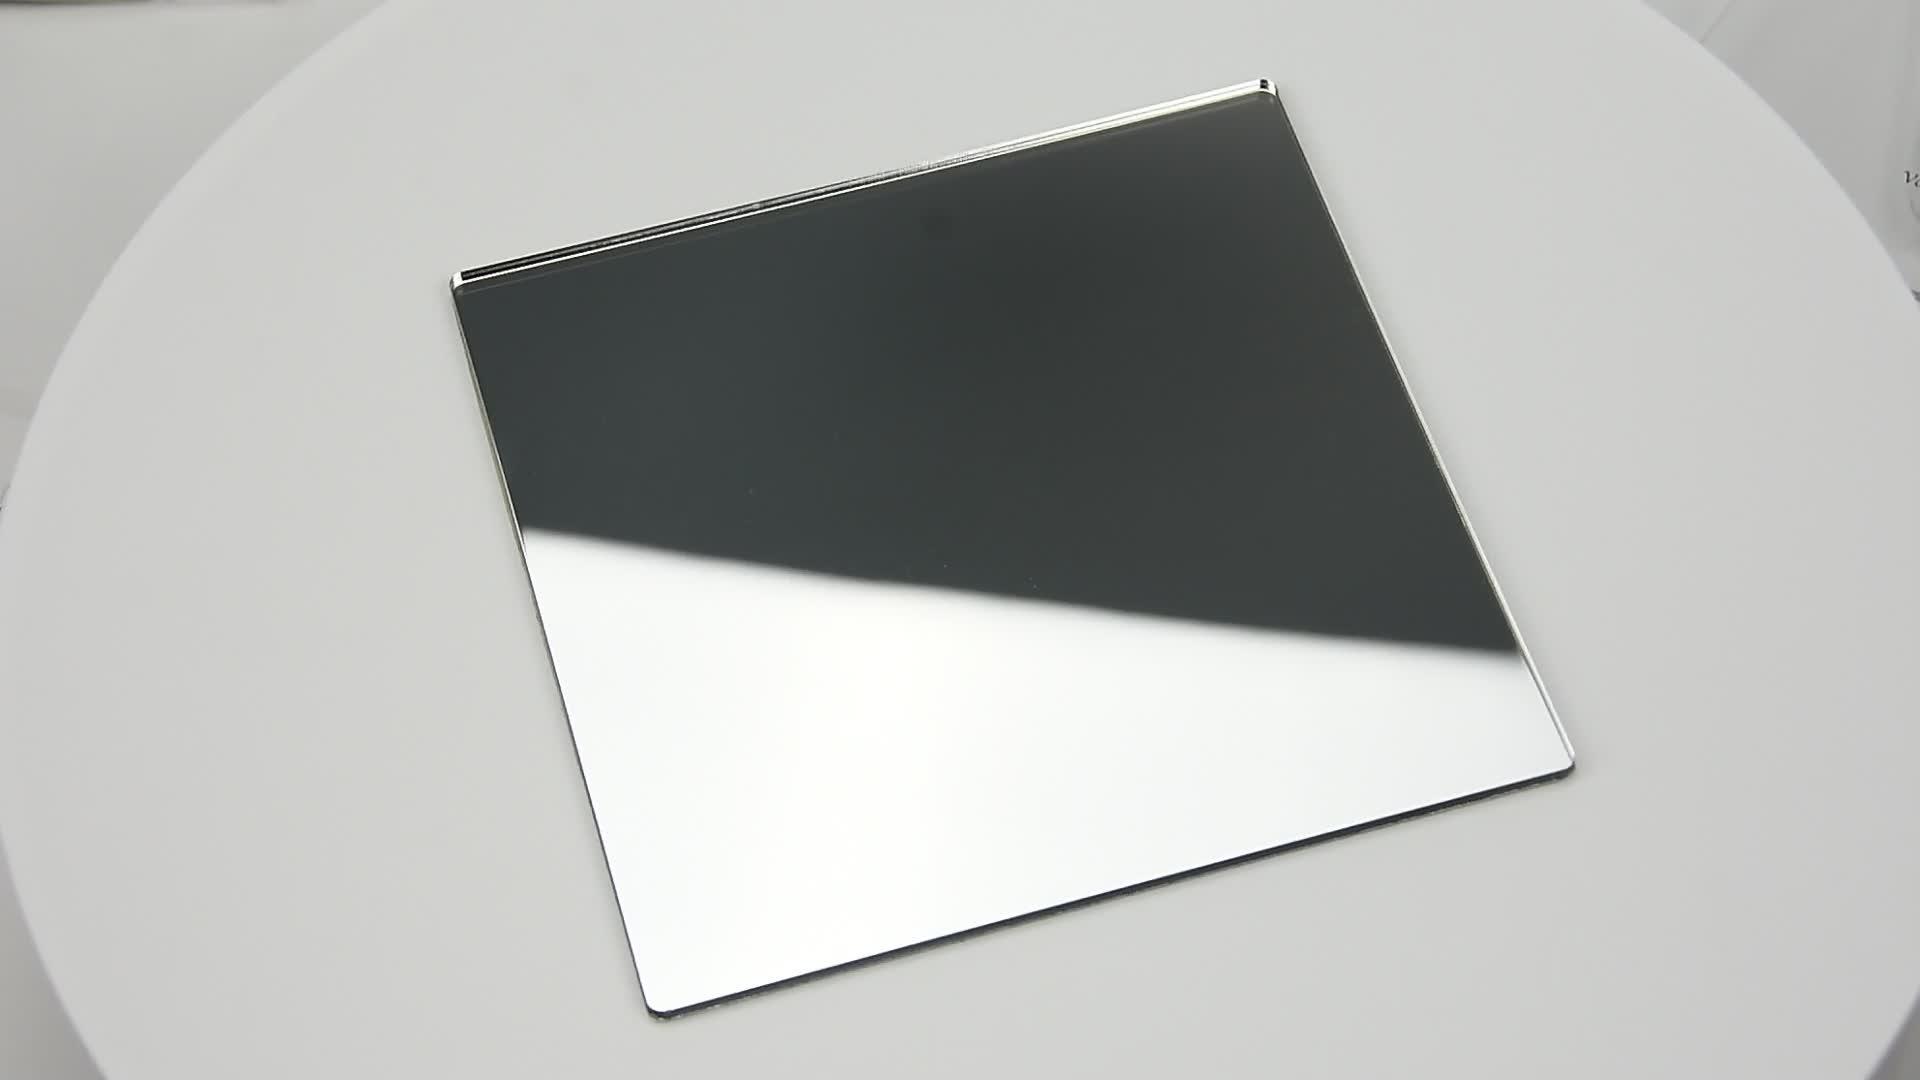 Espejo de dos vías de plástico de corte láser personalizado hojas acrílicas espejo